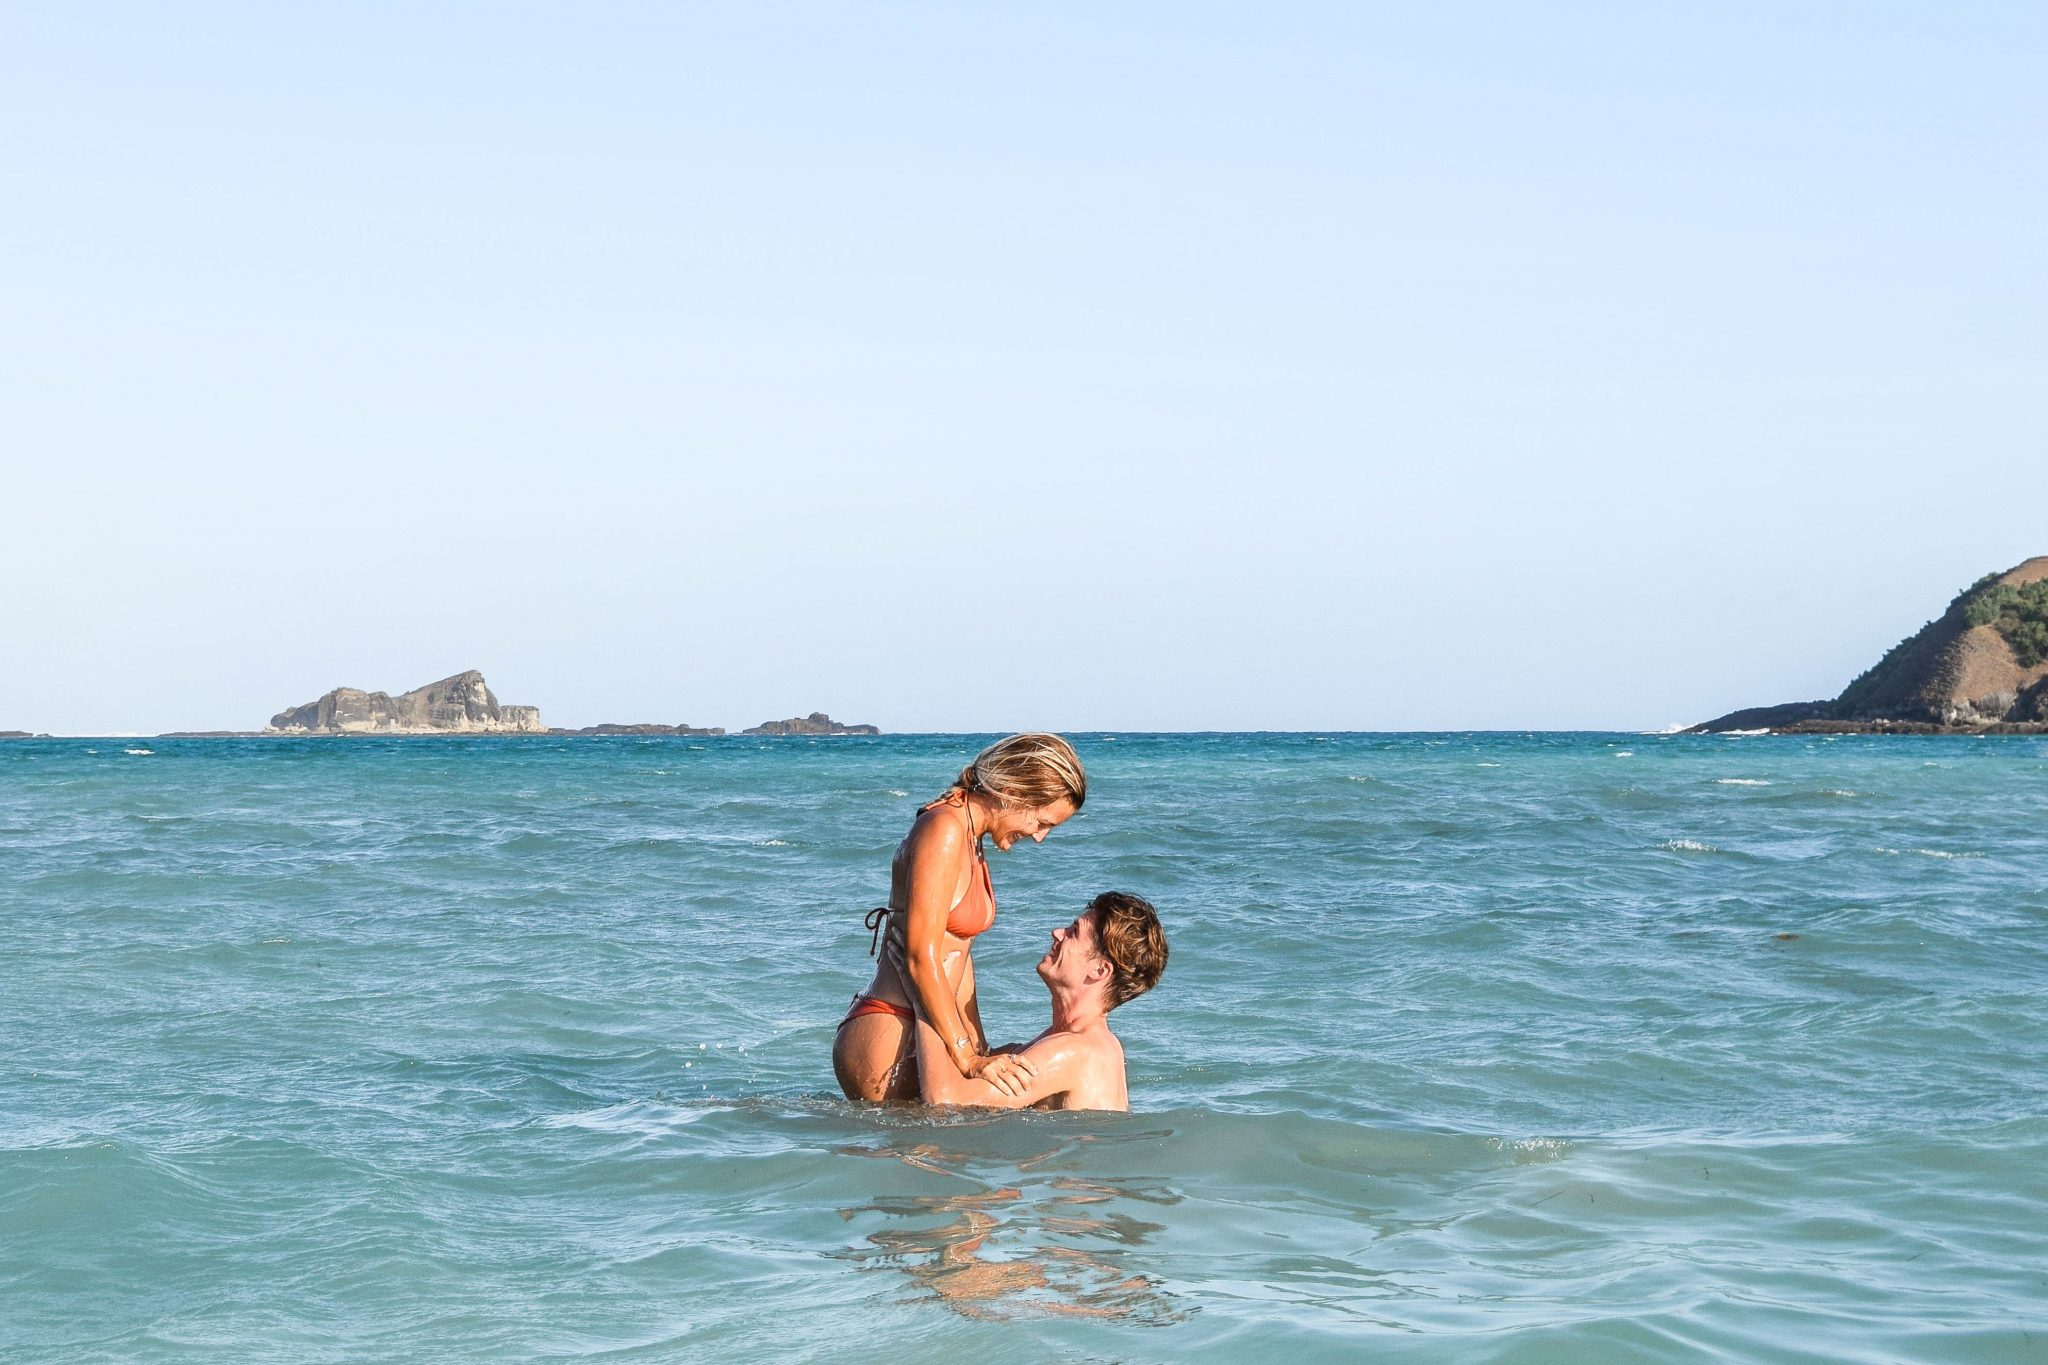 Wanderers & Warriors - Charlie & Lauren UK Travel Couple - Tanjung Aan Beach - Tanjung Aan Lombok - Pantai Tanjung Aan